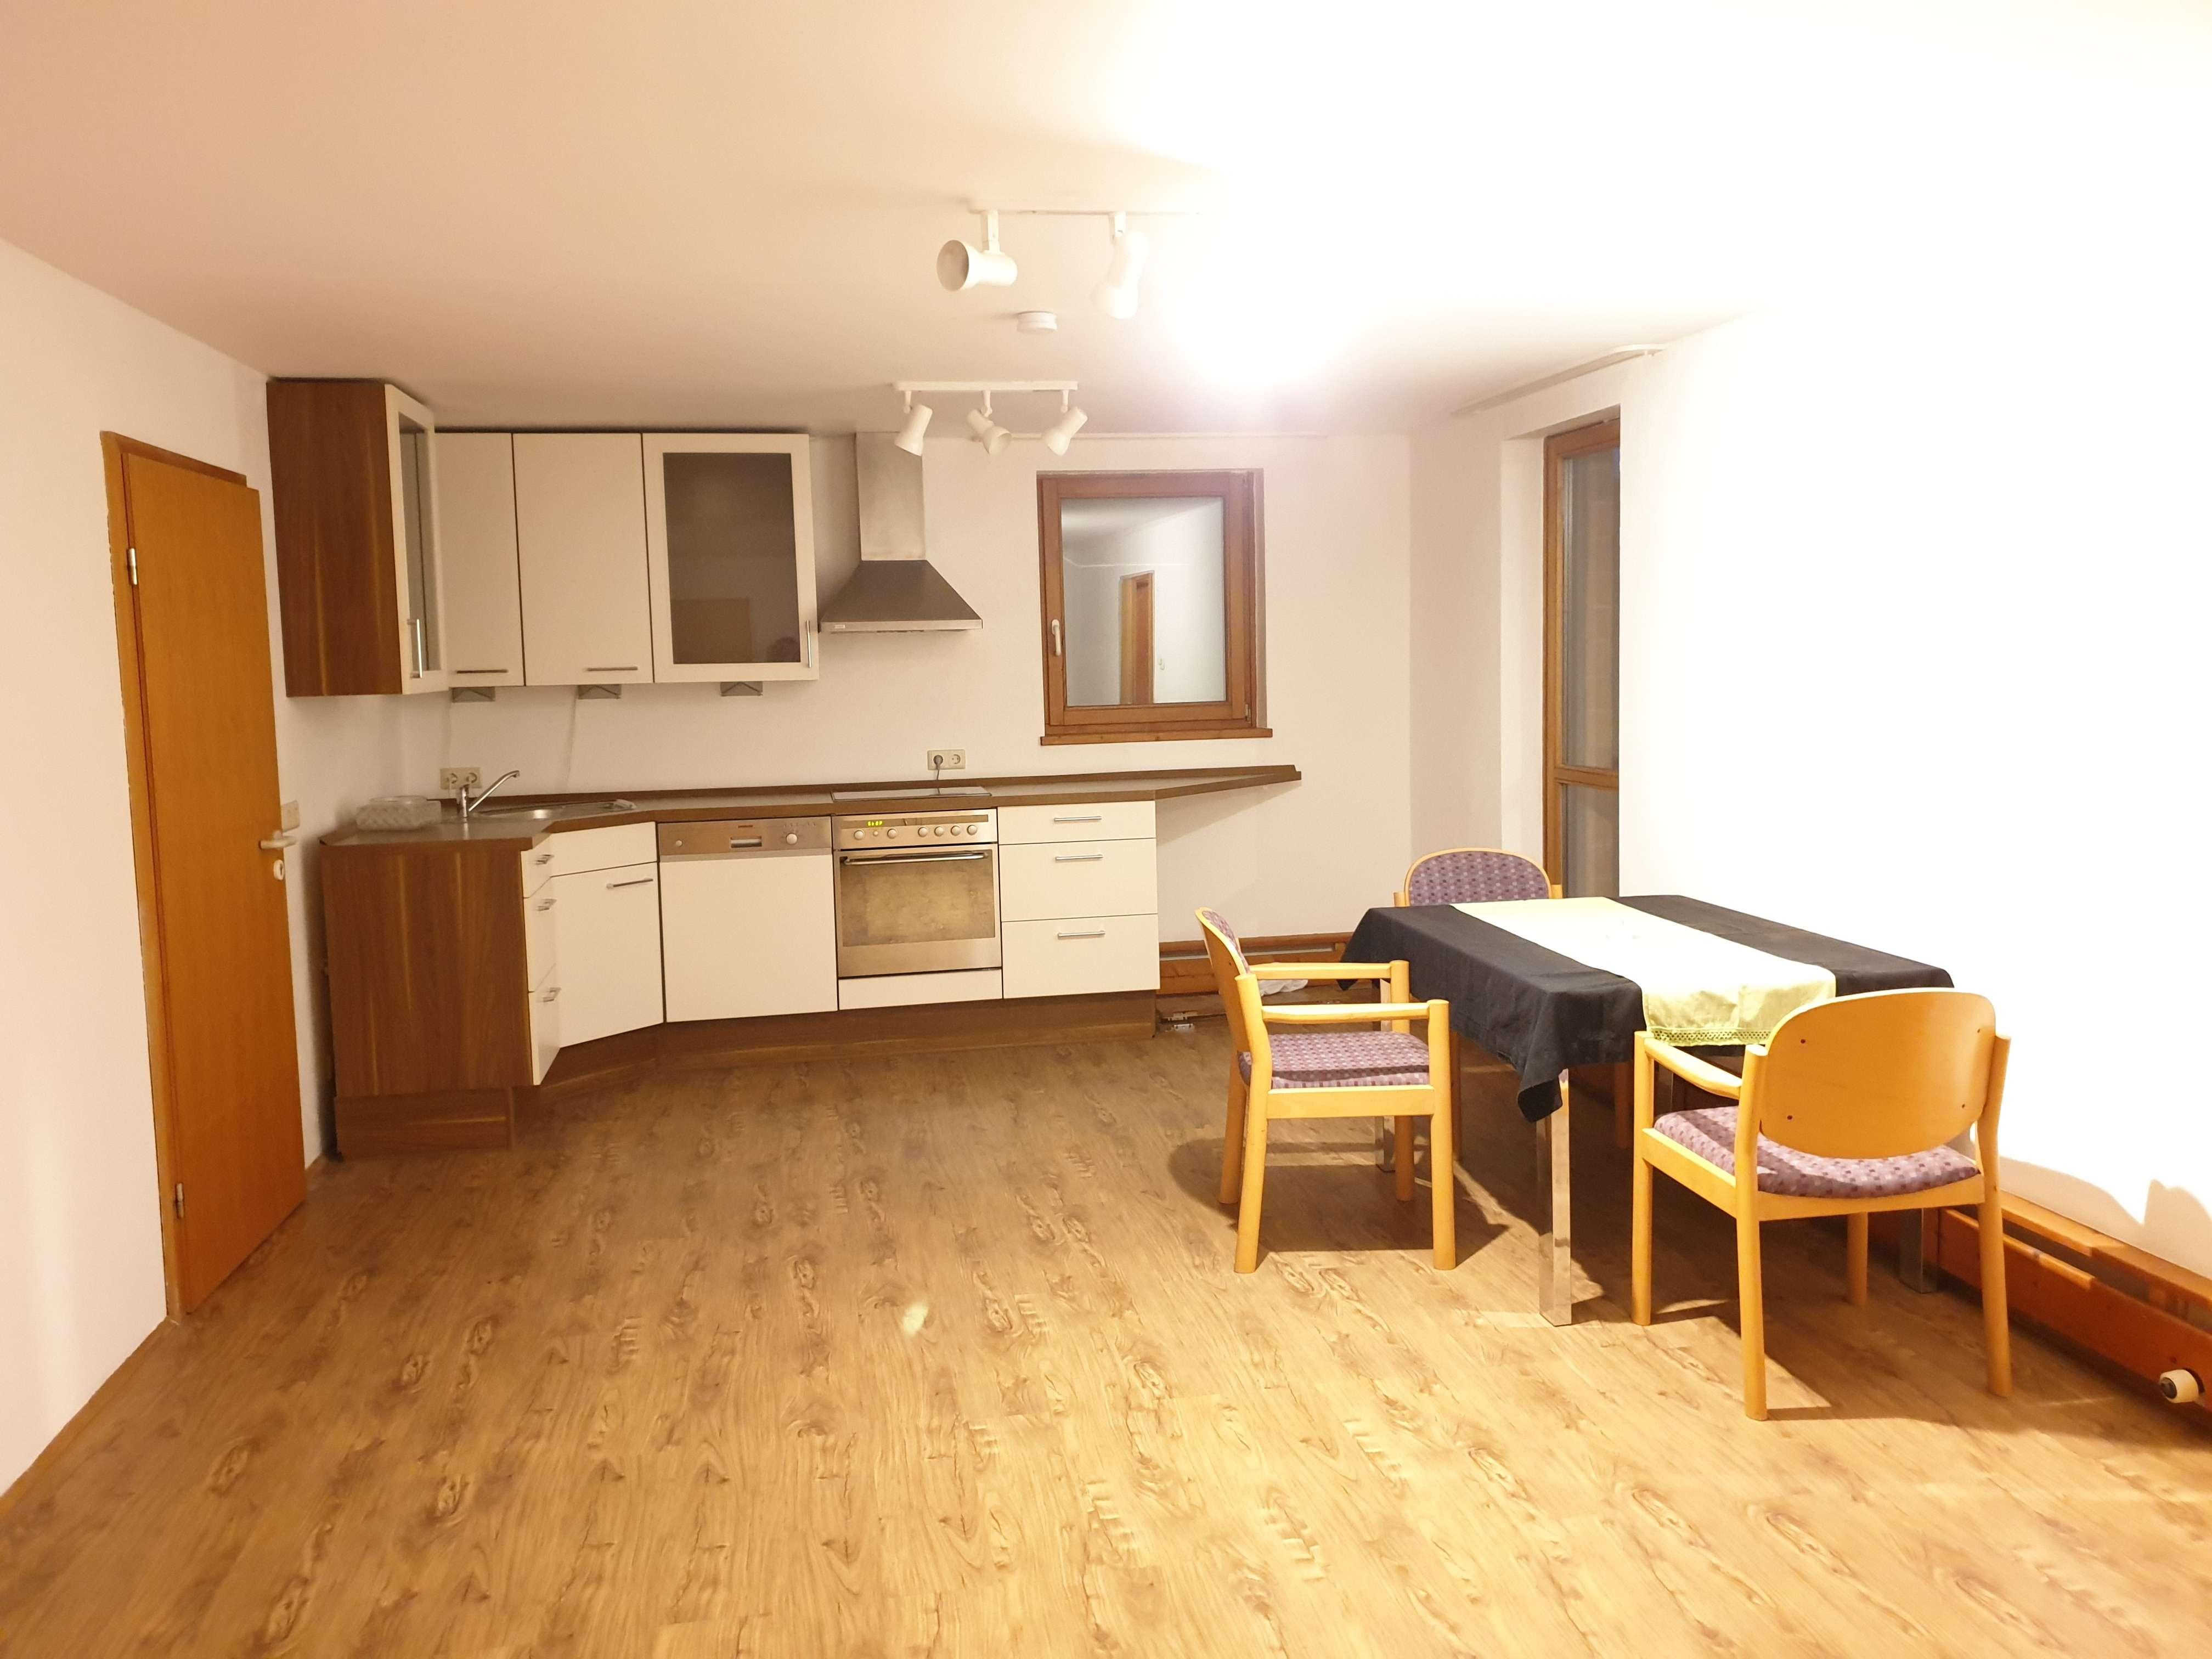 Gepflegte 1,5-Zimmer-Erdgeschosswohnung mit Einbauküche in Giebelstadt - Allersheim in Giebelstadt (Würzburg)